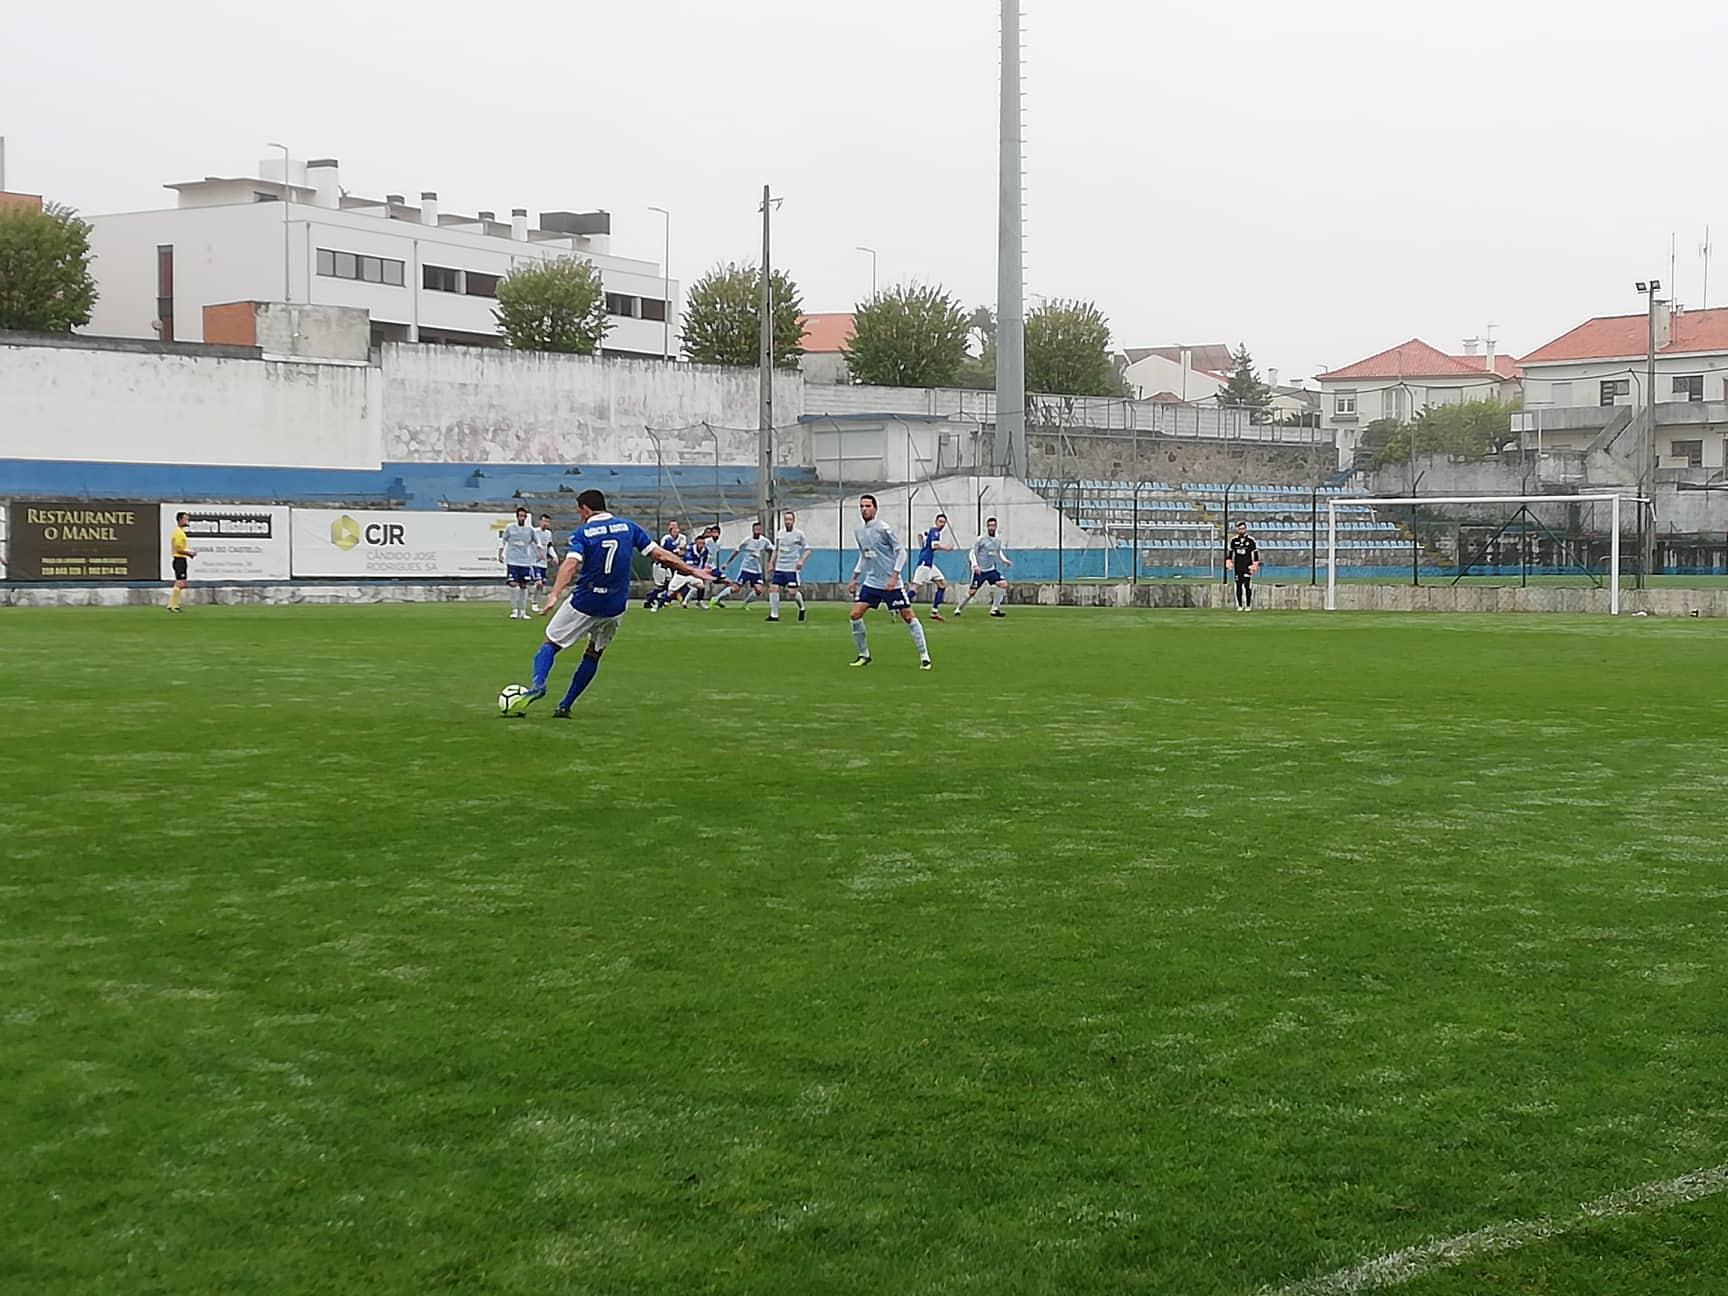 Futebol distrital: SC Vianense goleia Arcozelo e líder Cerveira vence nas Neves